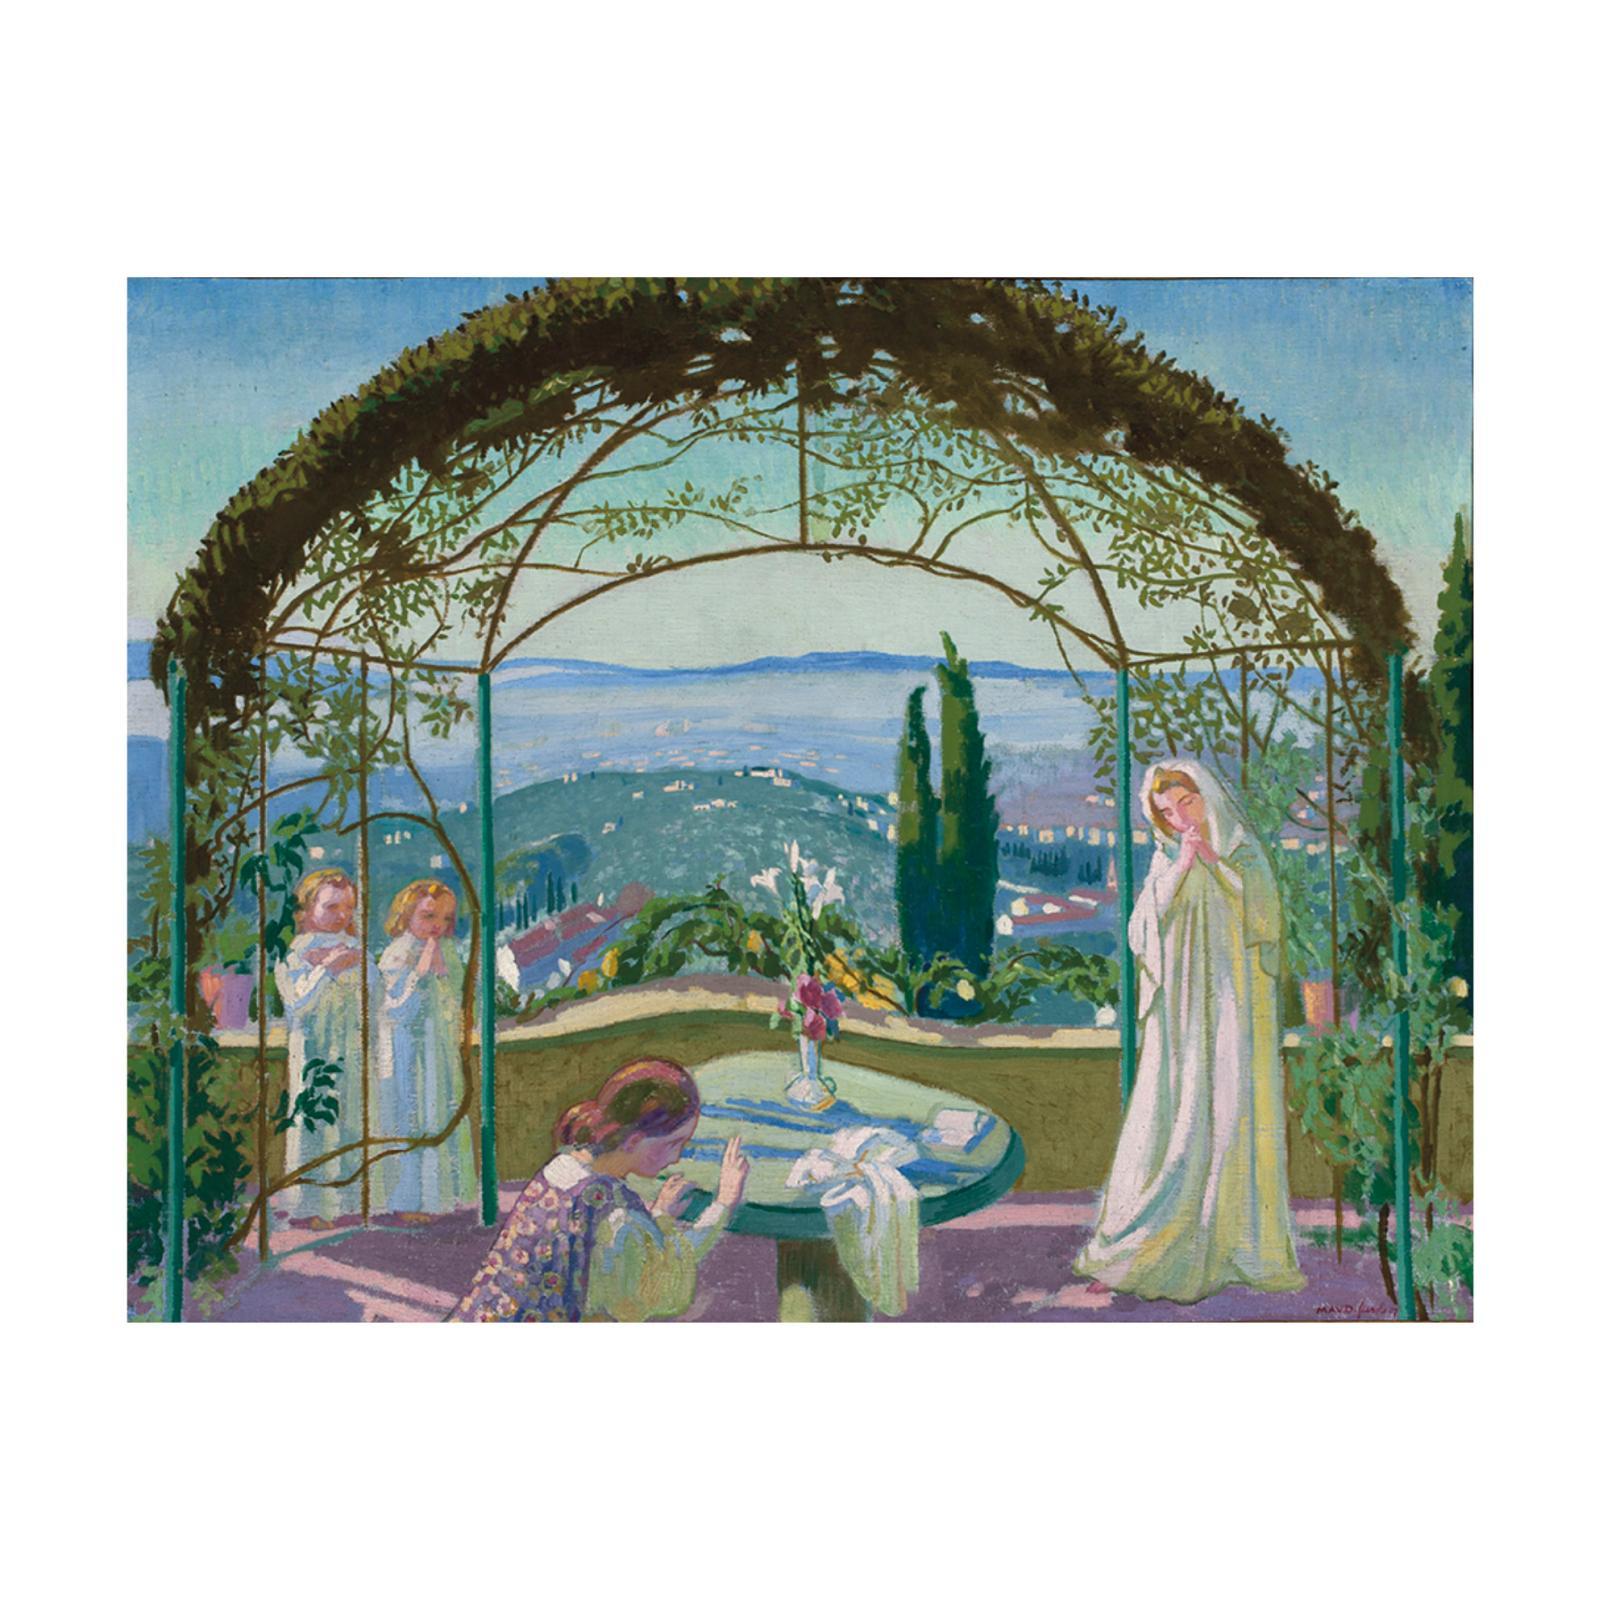 114400€ Maurice Denis(1870-1943), Annonciation à Fiesole (Bellavista), 1907, huile sur toile signée, située et datée, 67x86cm.Drouot